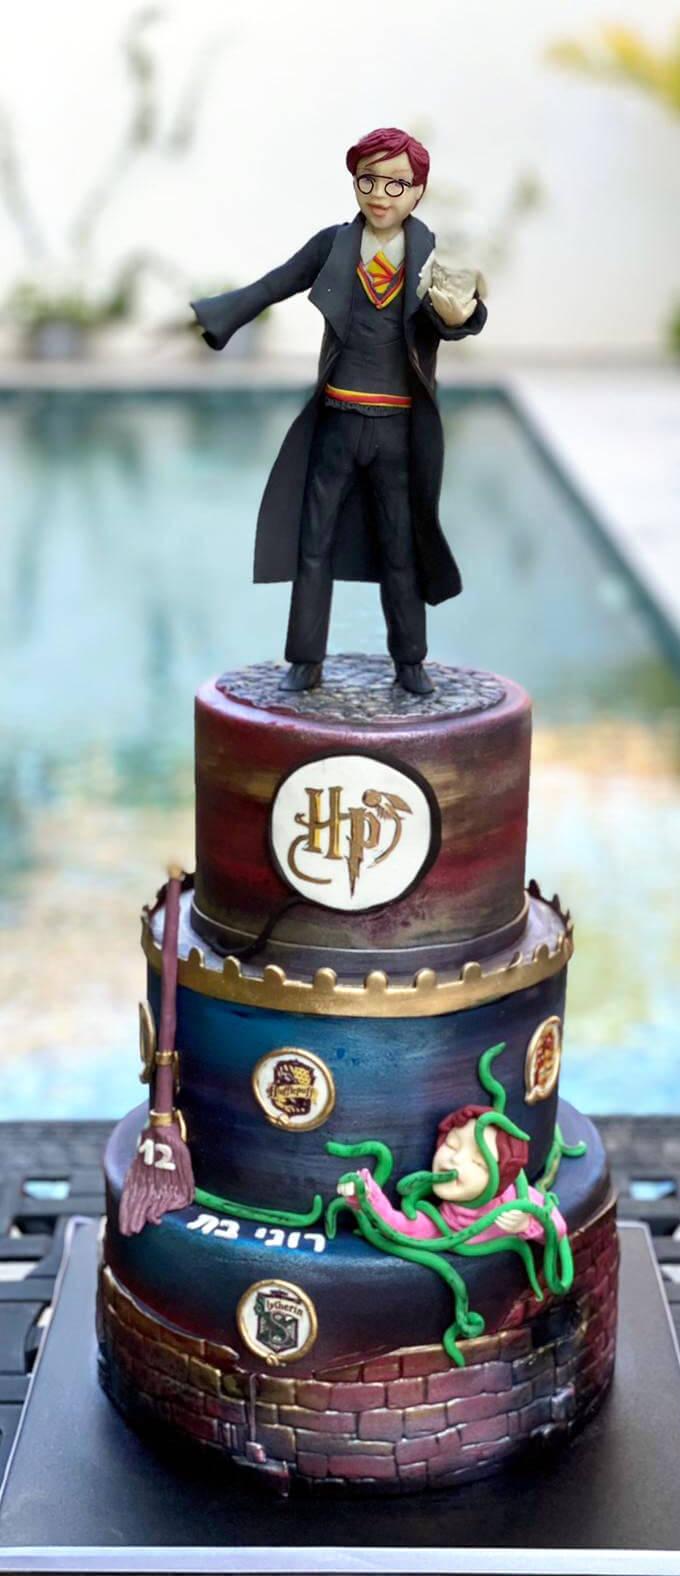 עוגה מפוסלת הארי פוטר